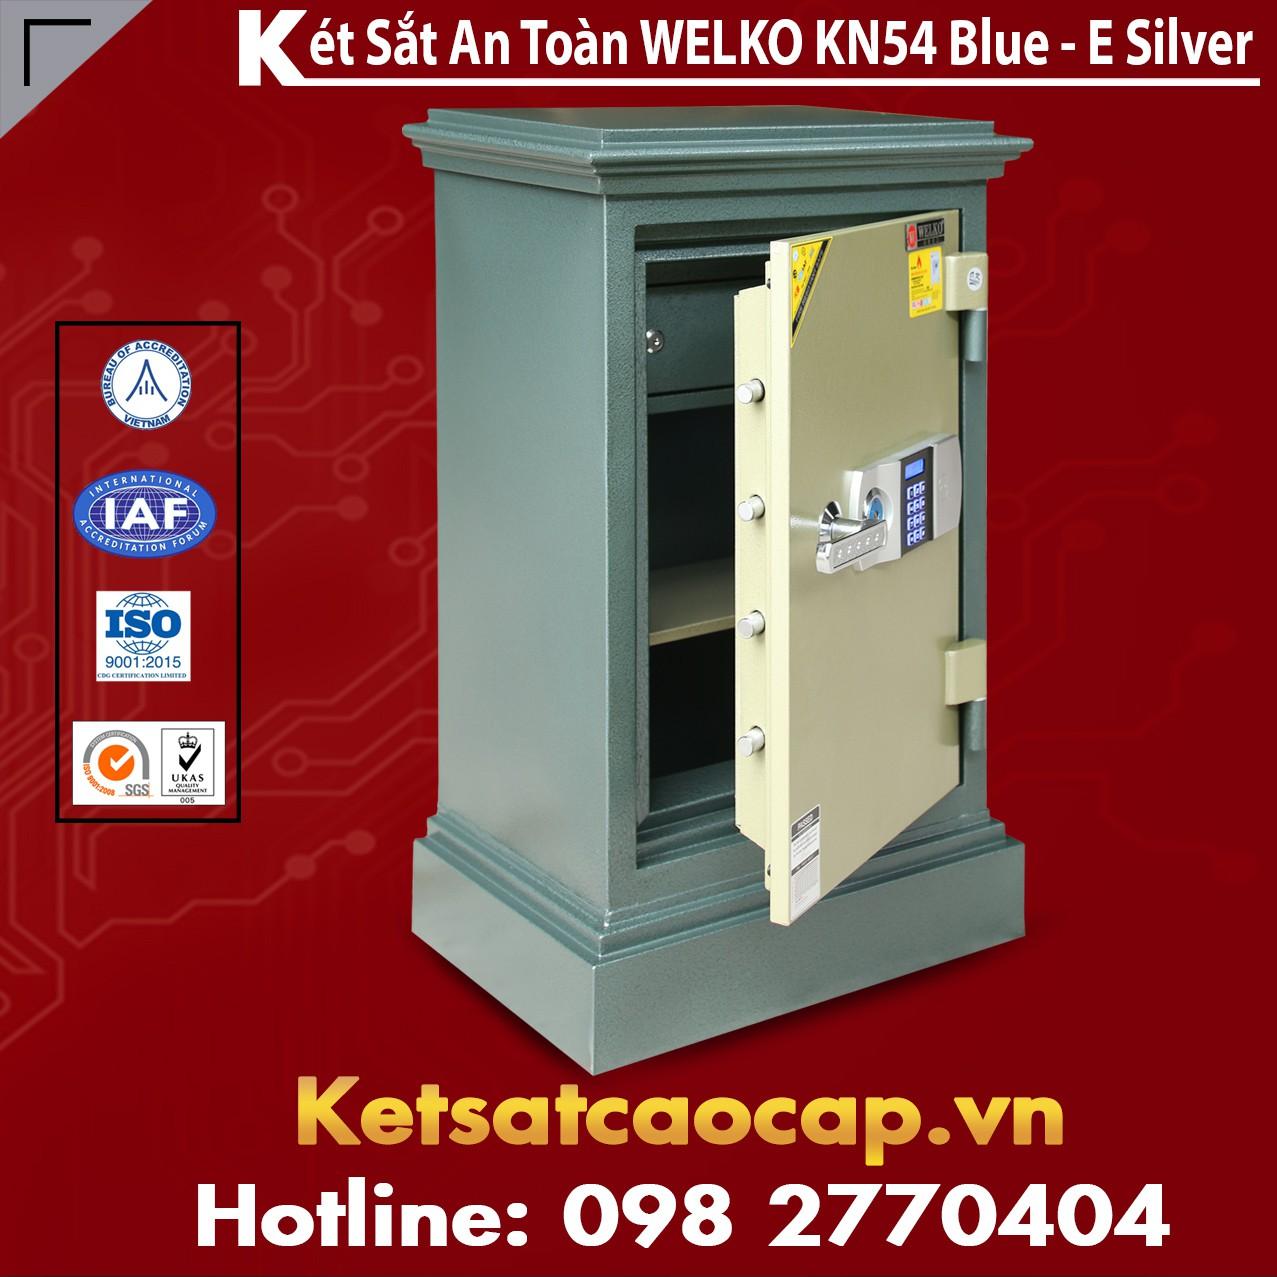 Két Sắt Đà Nẵng KN54 - E Silver